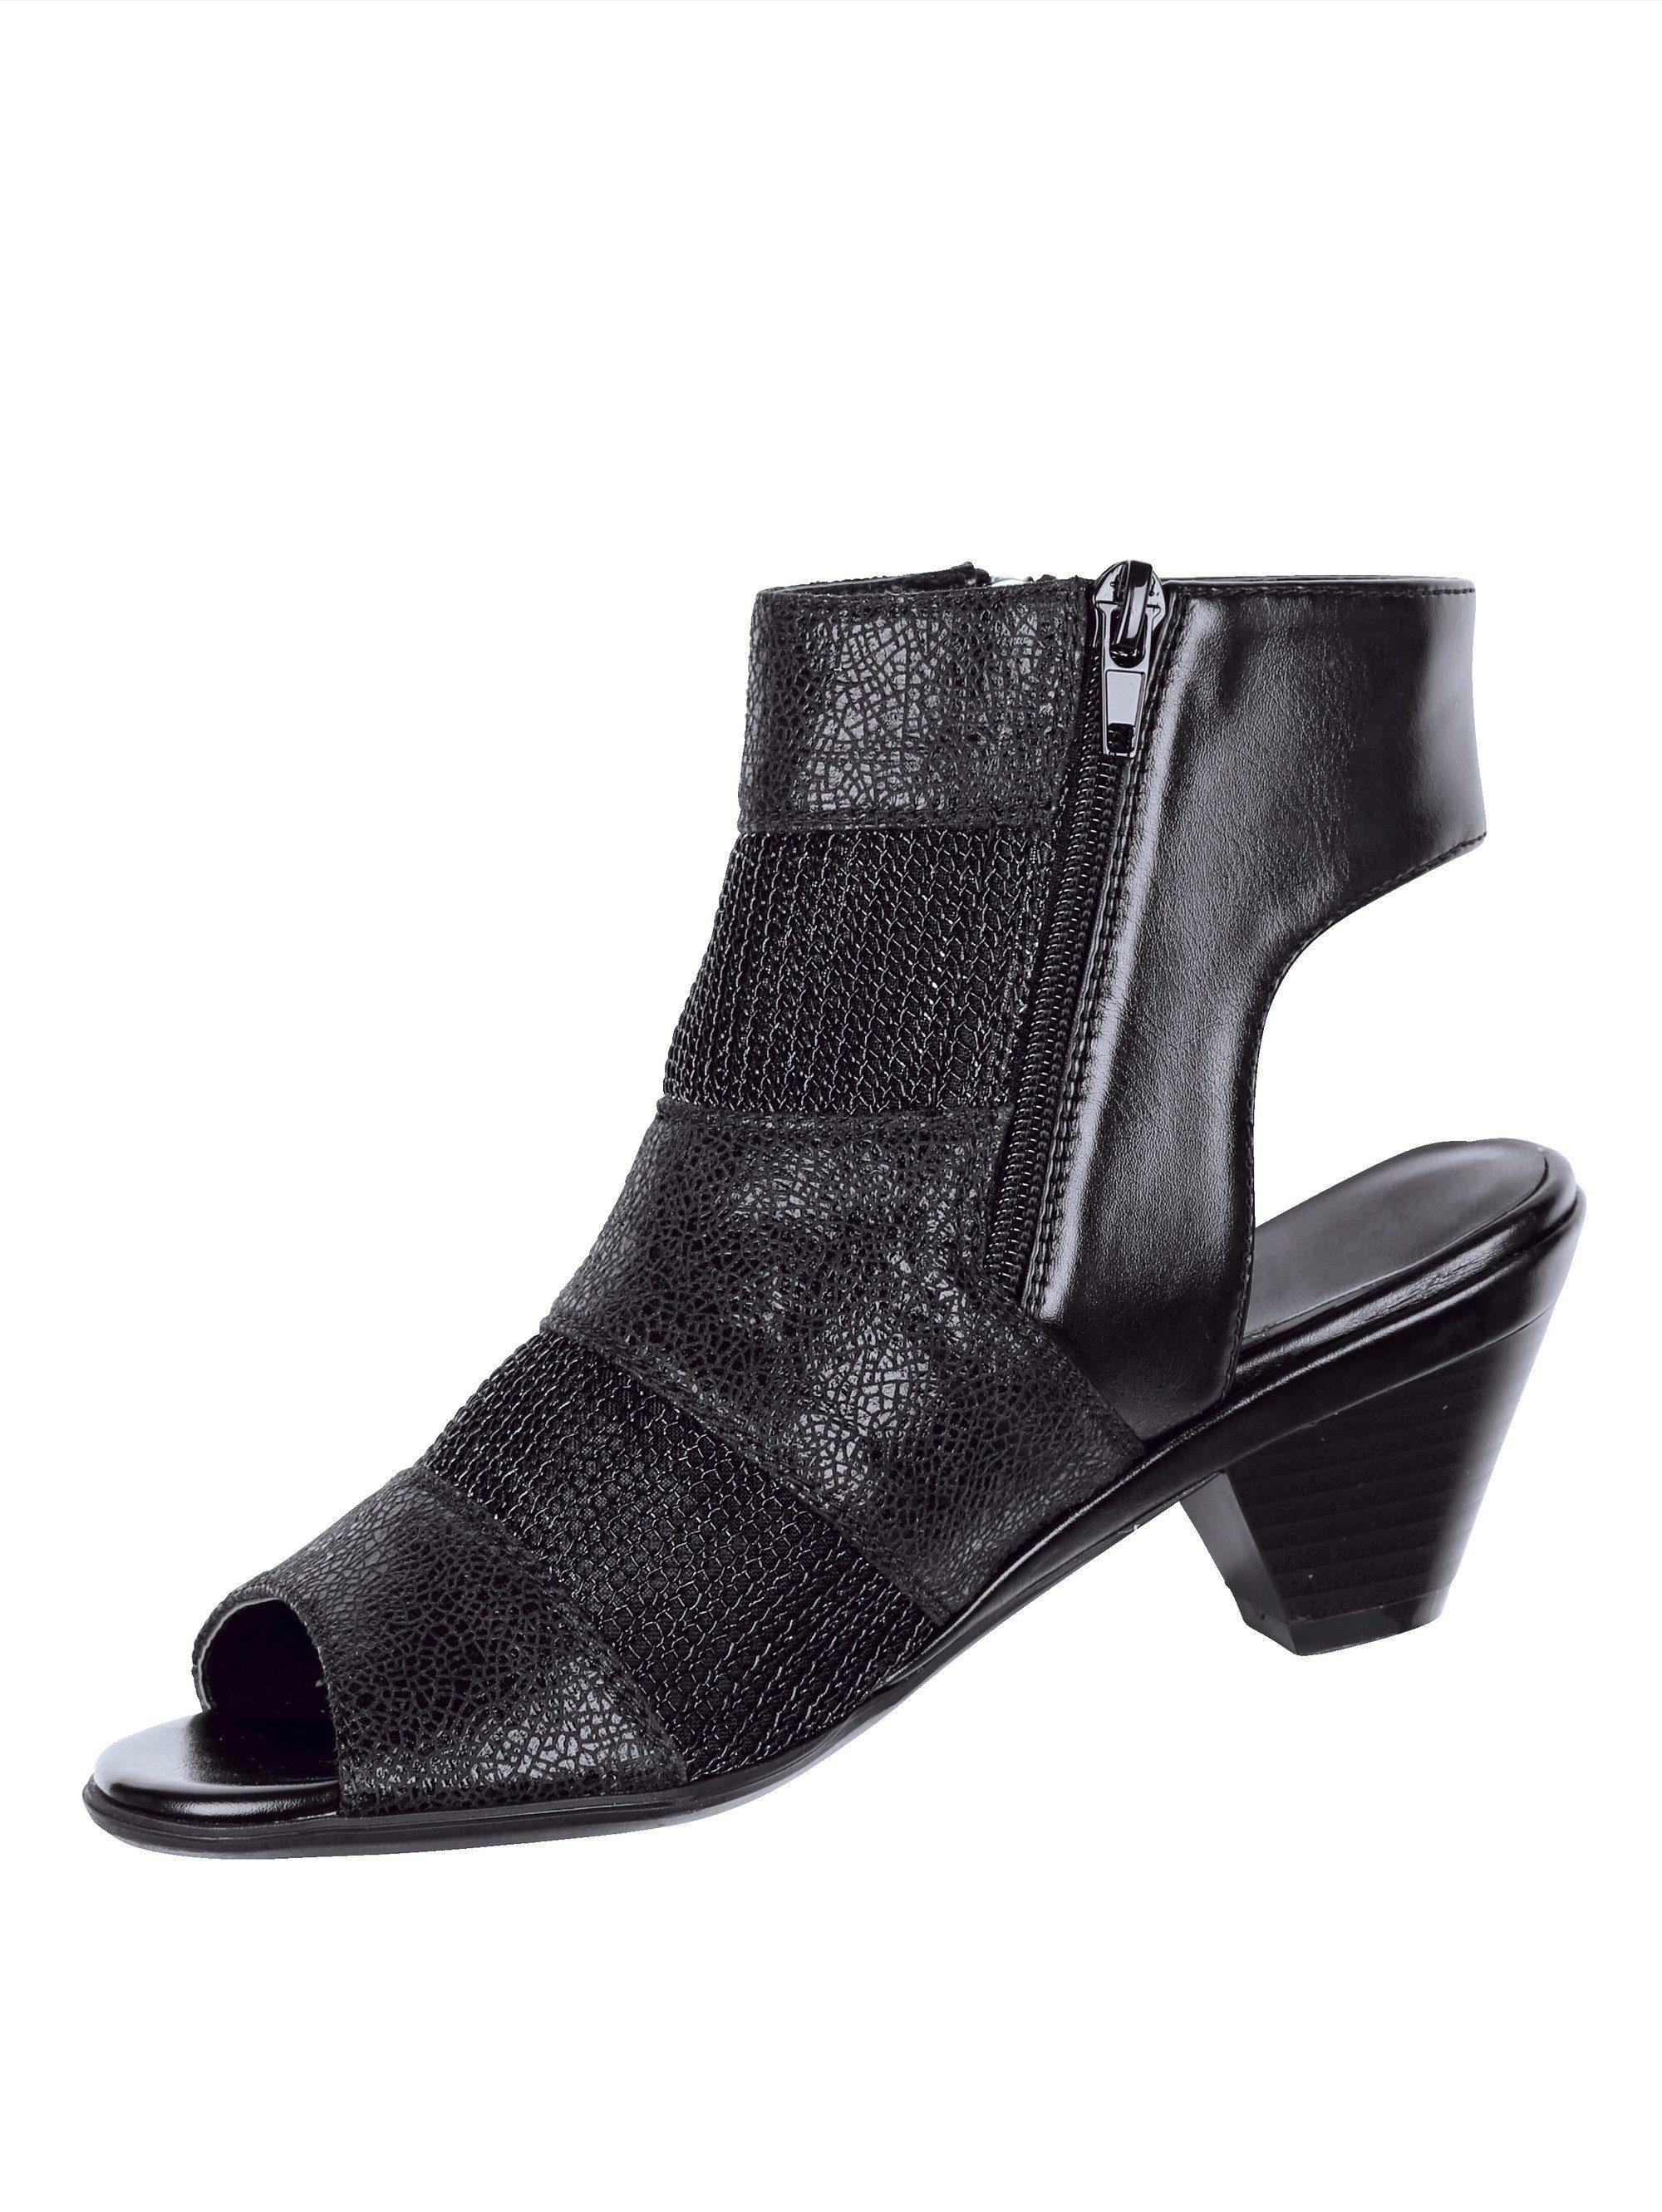 Liva Loop Sandale mit luftdurchlässigen Mesheinsätzen online kaufen  schwarz